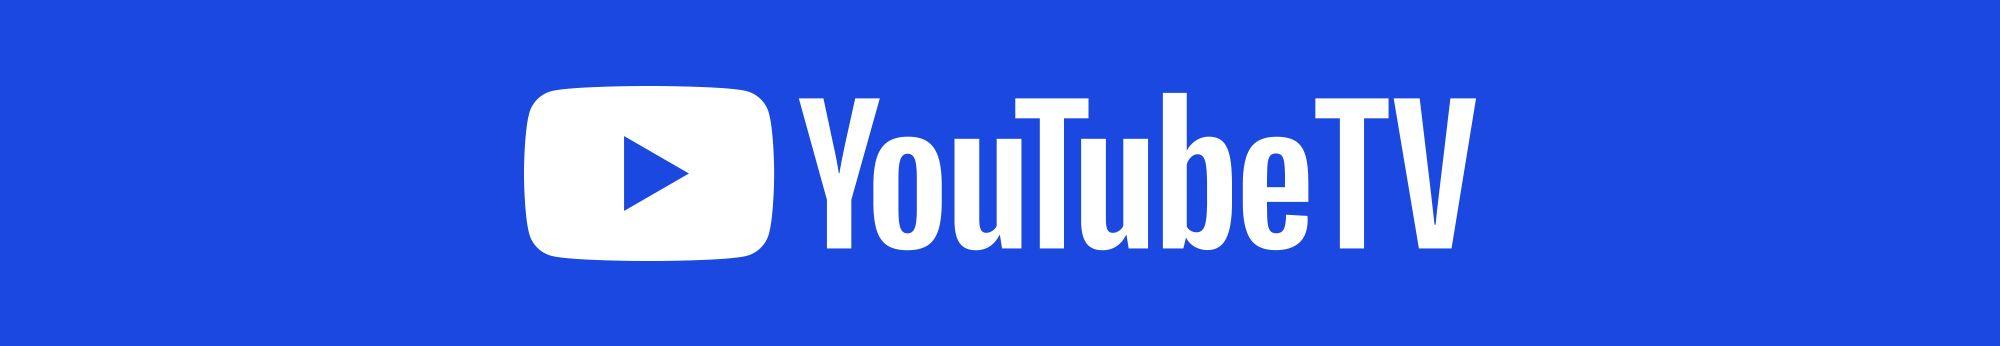 NewAffiliateButtons_YouTubeTV